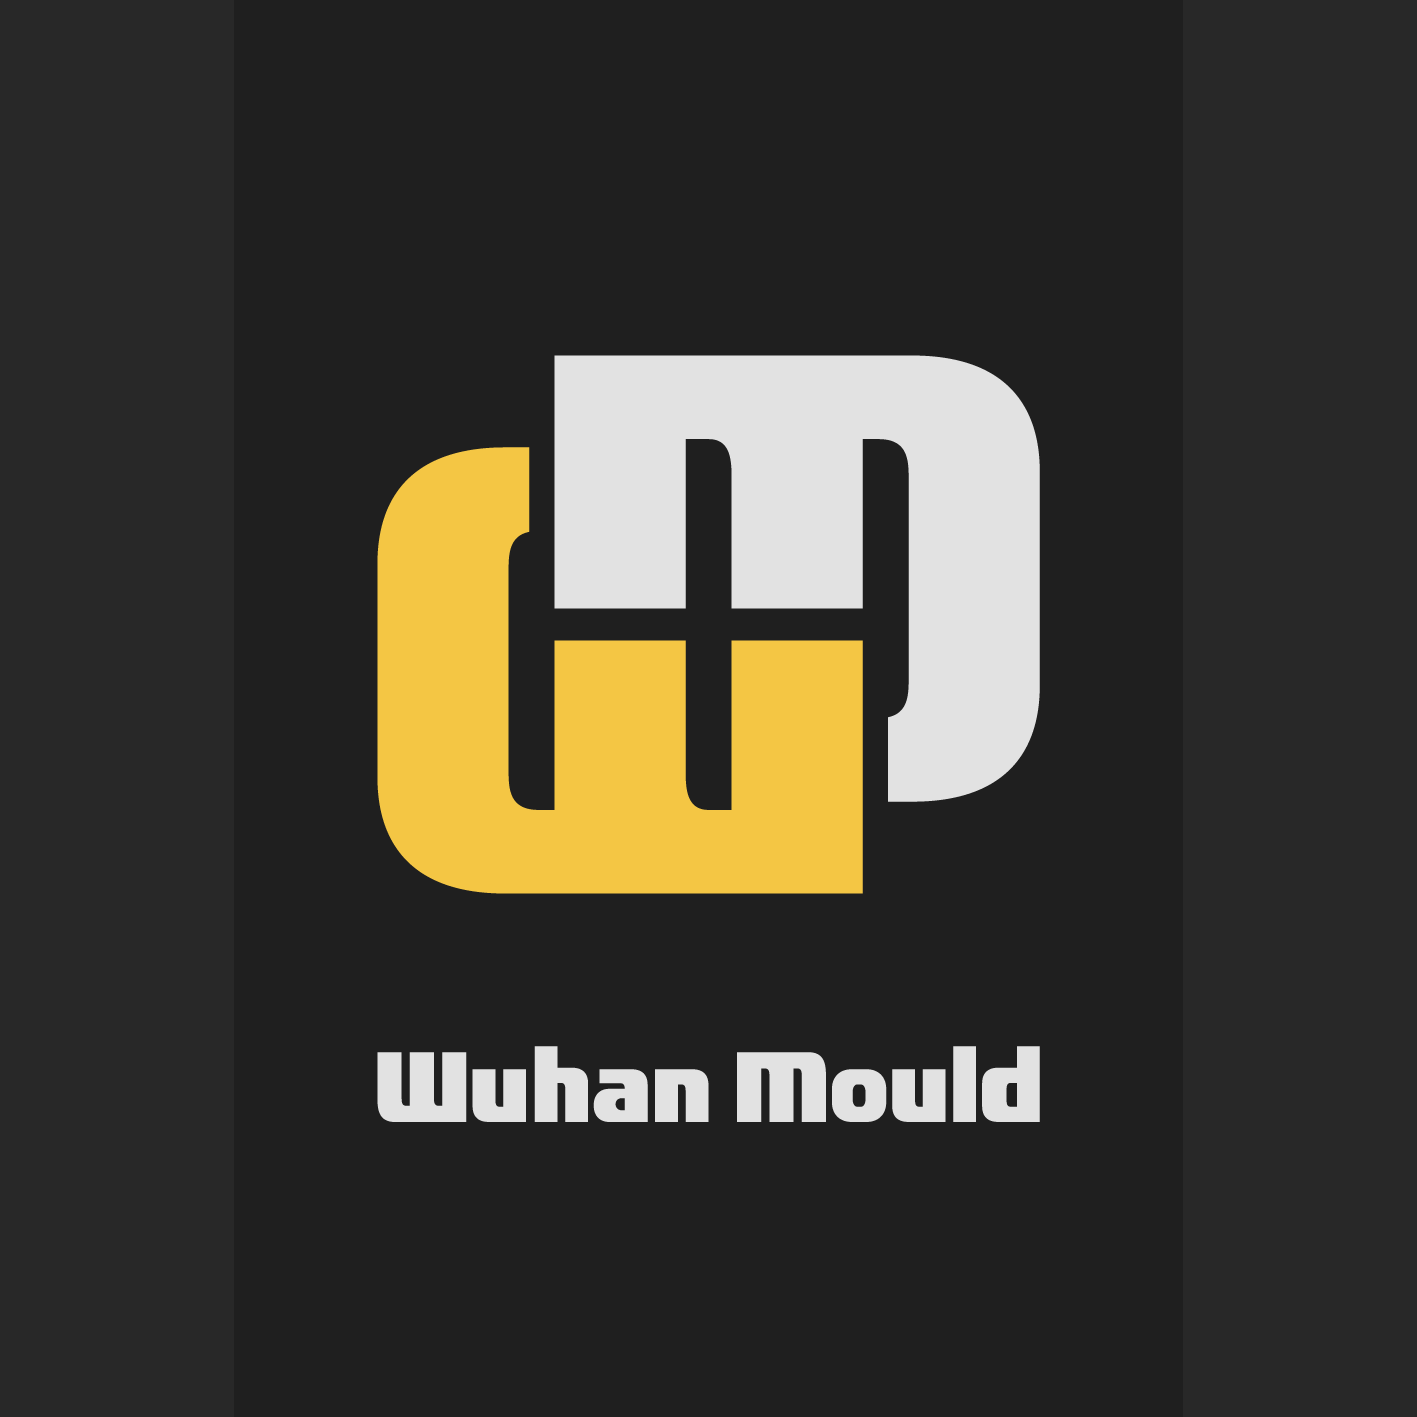 Создать логотип для фабрики пресс-форм фото f_441599a23144c549.png